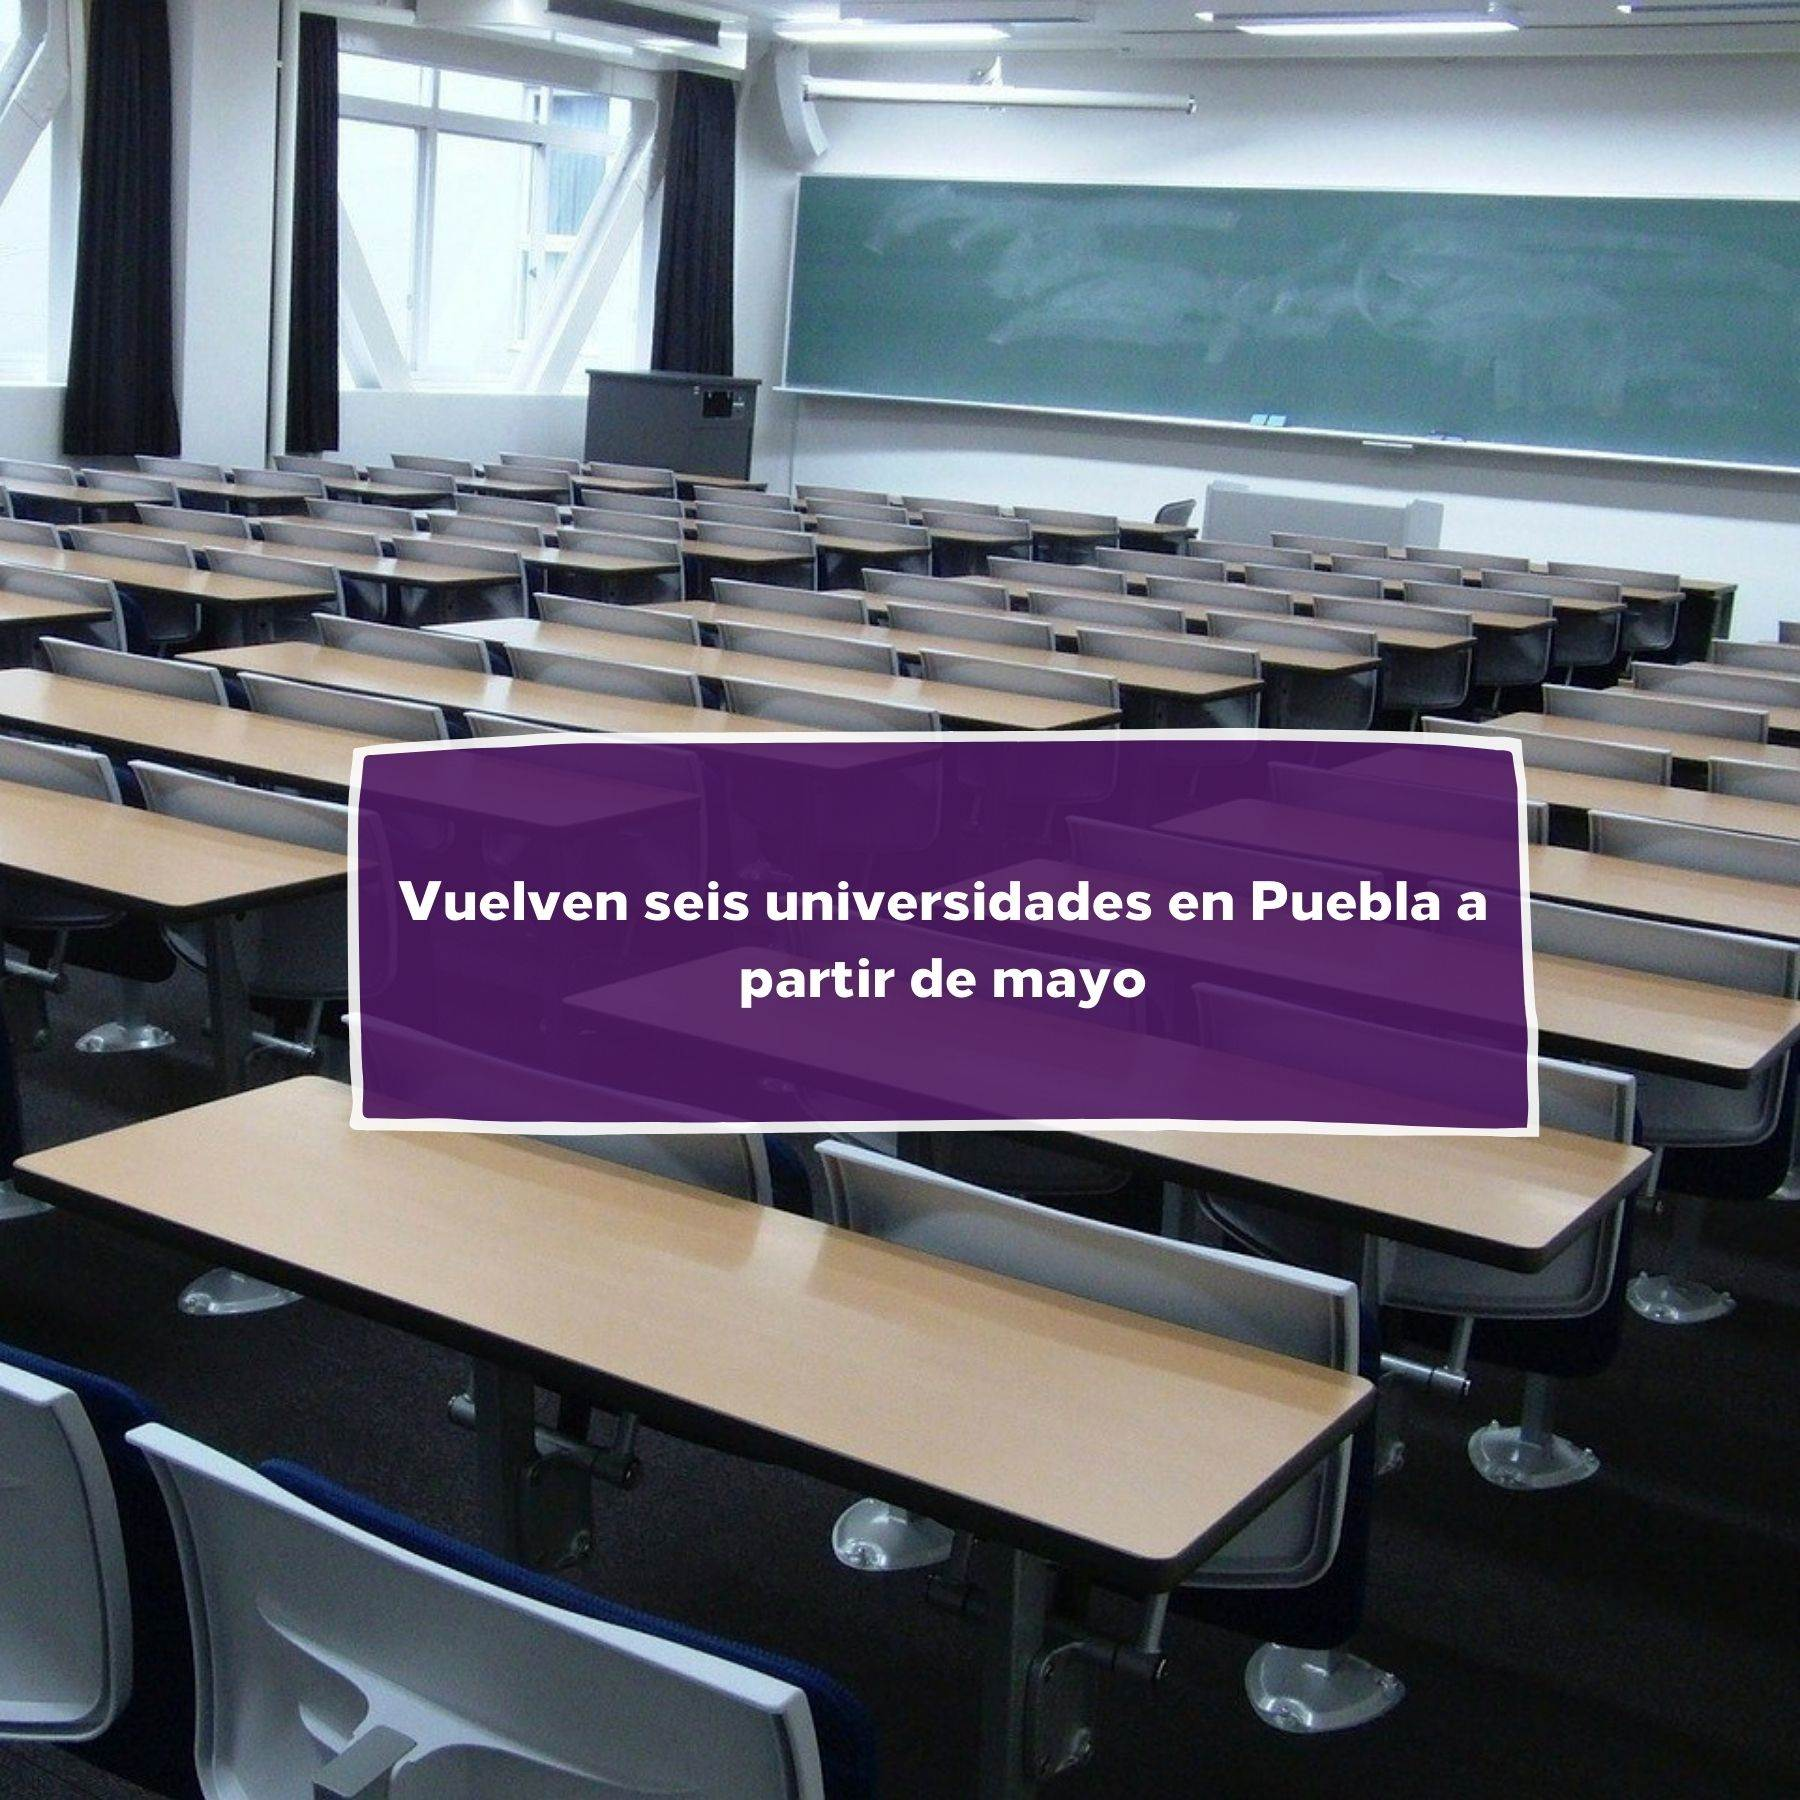 clases presenciales en Puebla